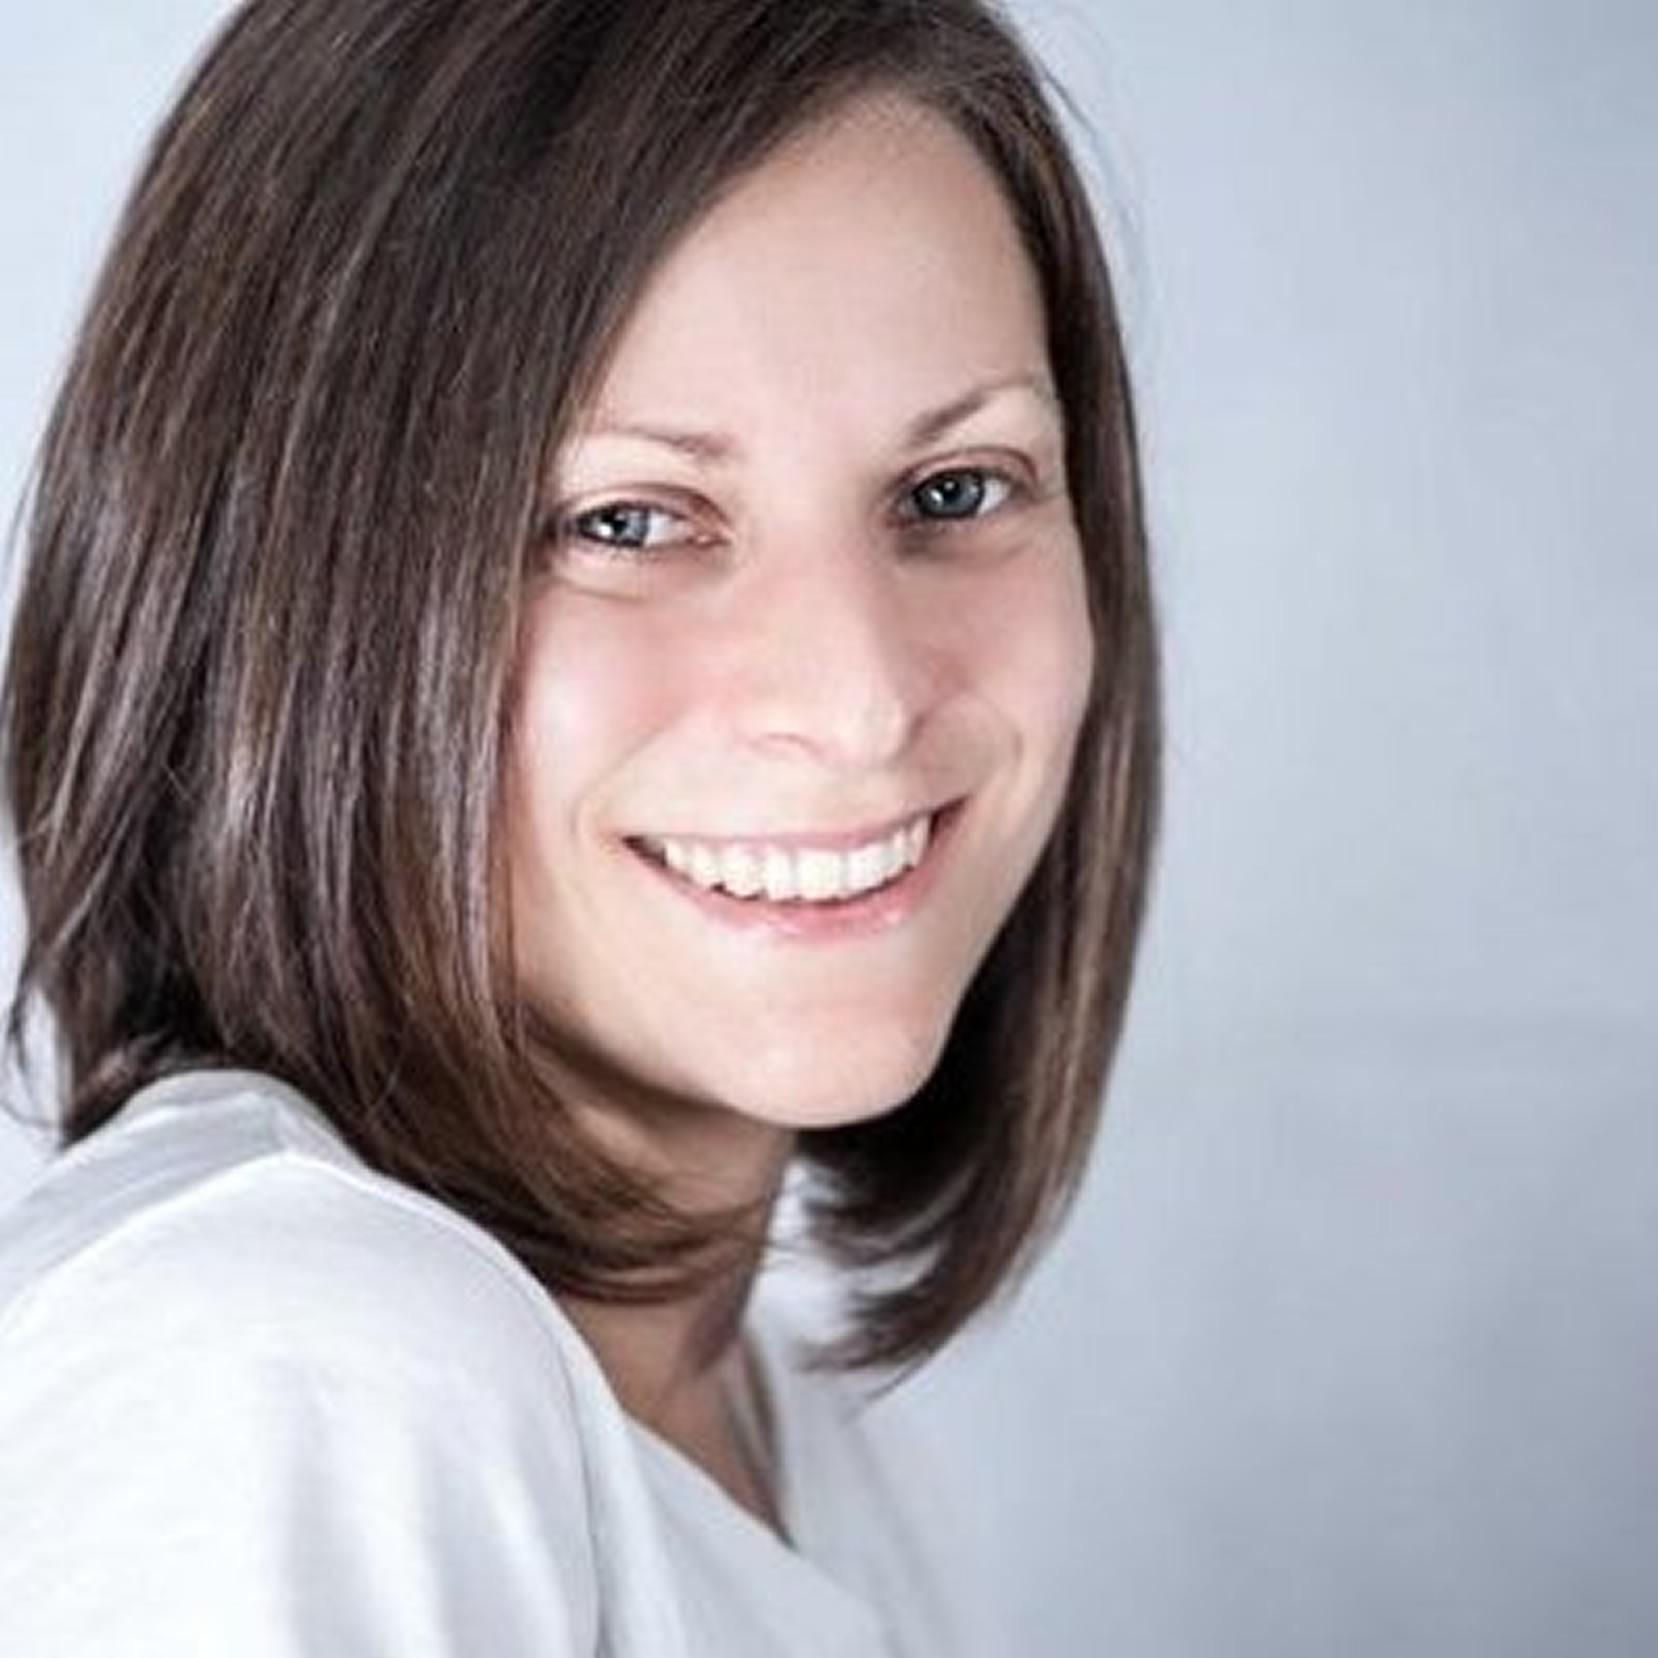 Hannah Mathias